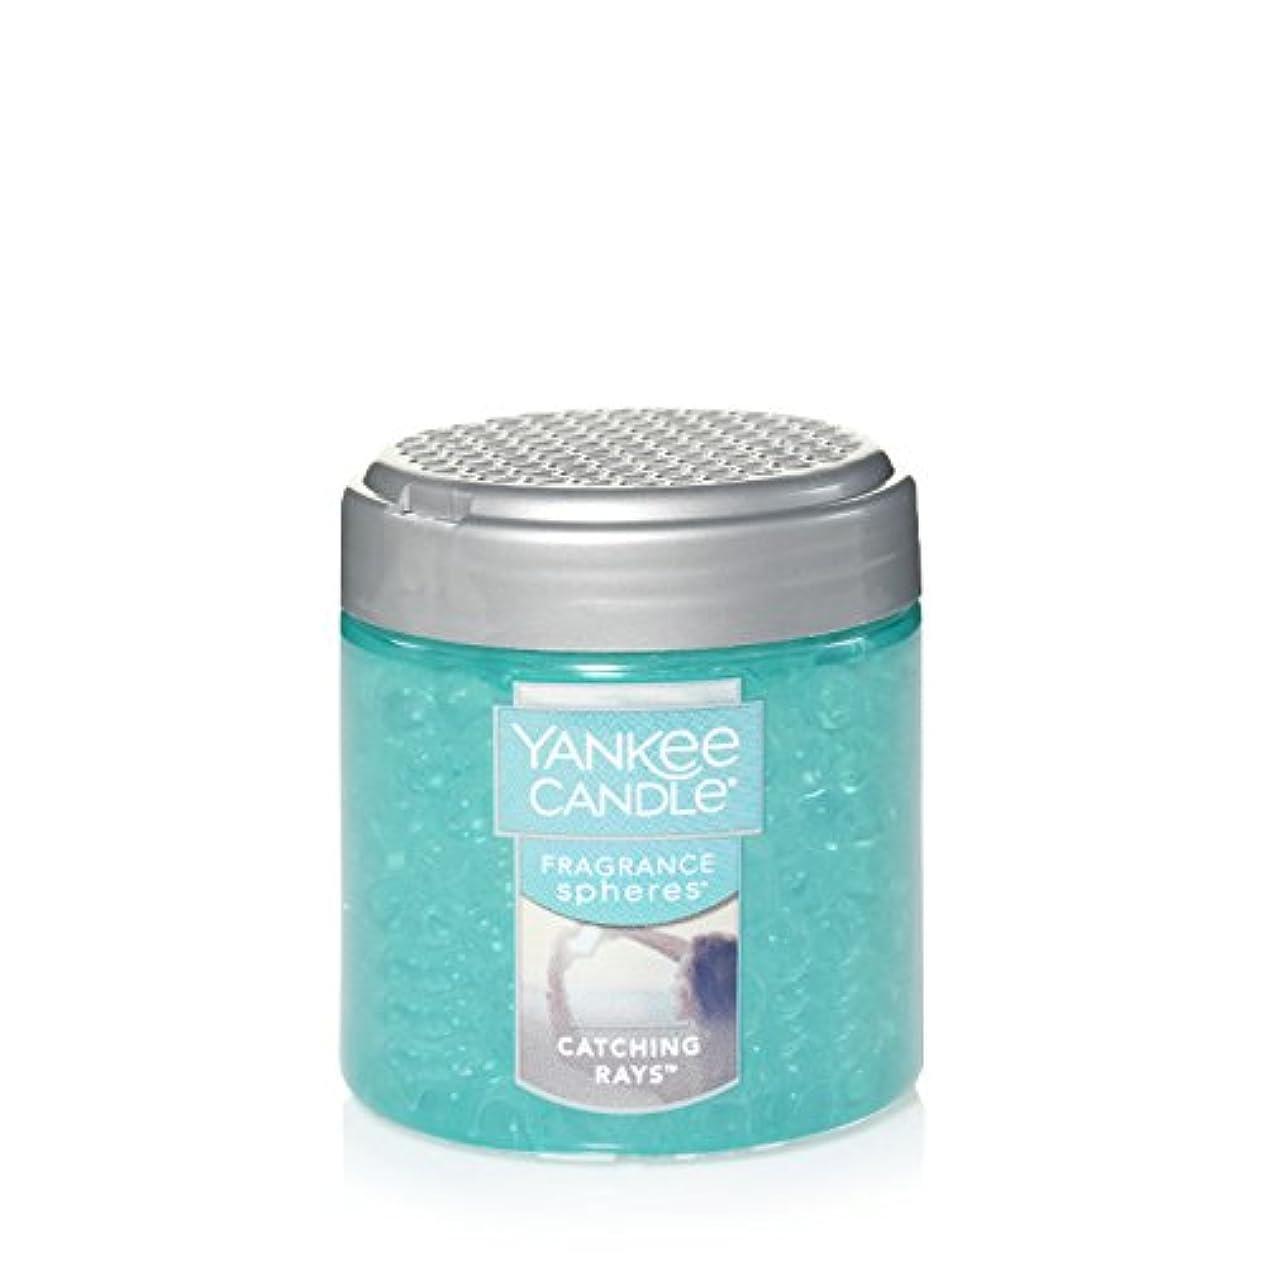 マスタードファームインサート(ヤンキーキャンドル) Yankee Candle Lサイズ ジャーキャンドル Fragrance Spheres 1547233